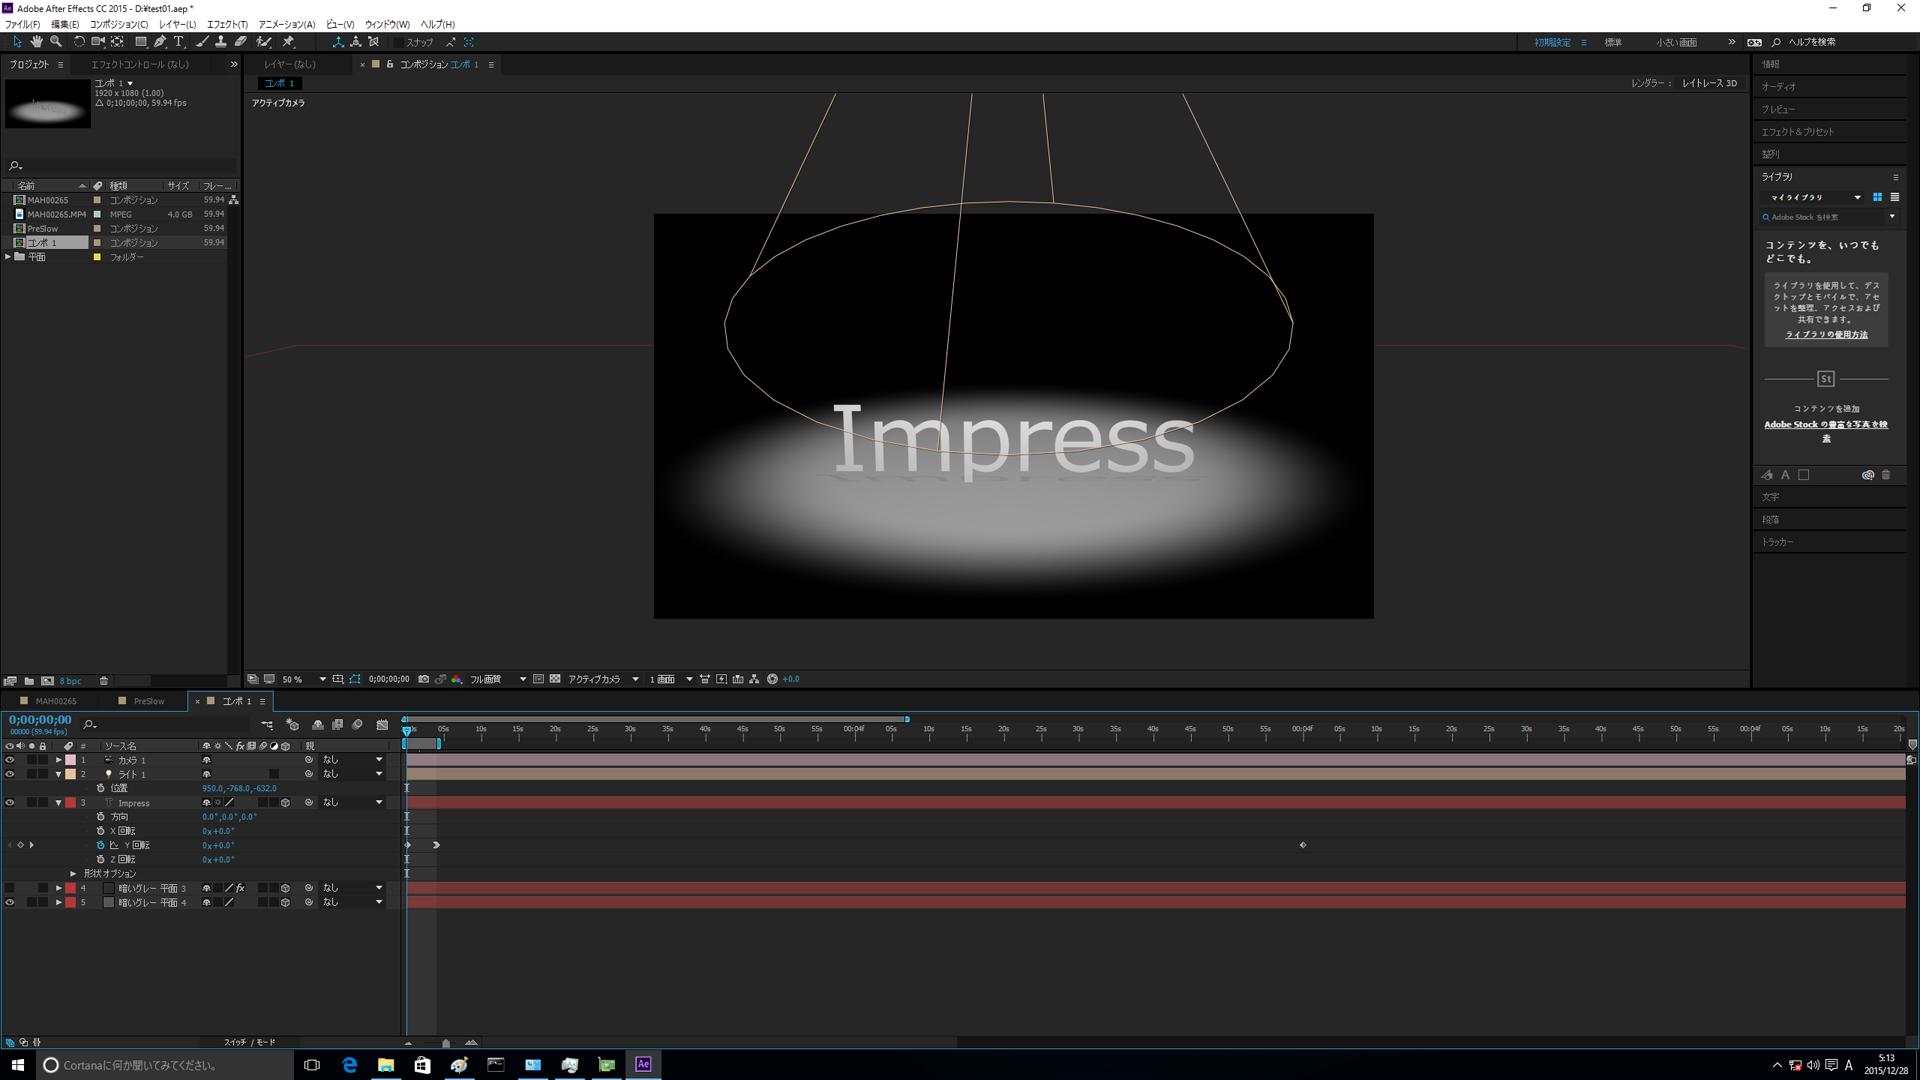 レイトレース3Dレンダラーは高機能だが、描画負荷はクラシック3Dよりはるかに重い。対応GPUによる高速処理が無ければ、シークバーを動かしてからプレビューが表示されるまで数秒を要する。